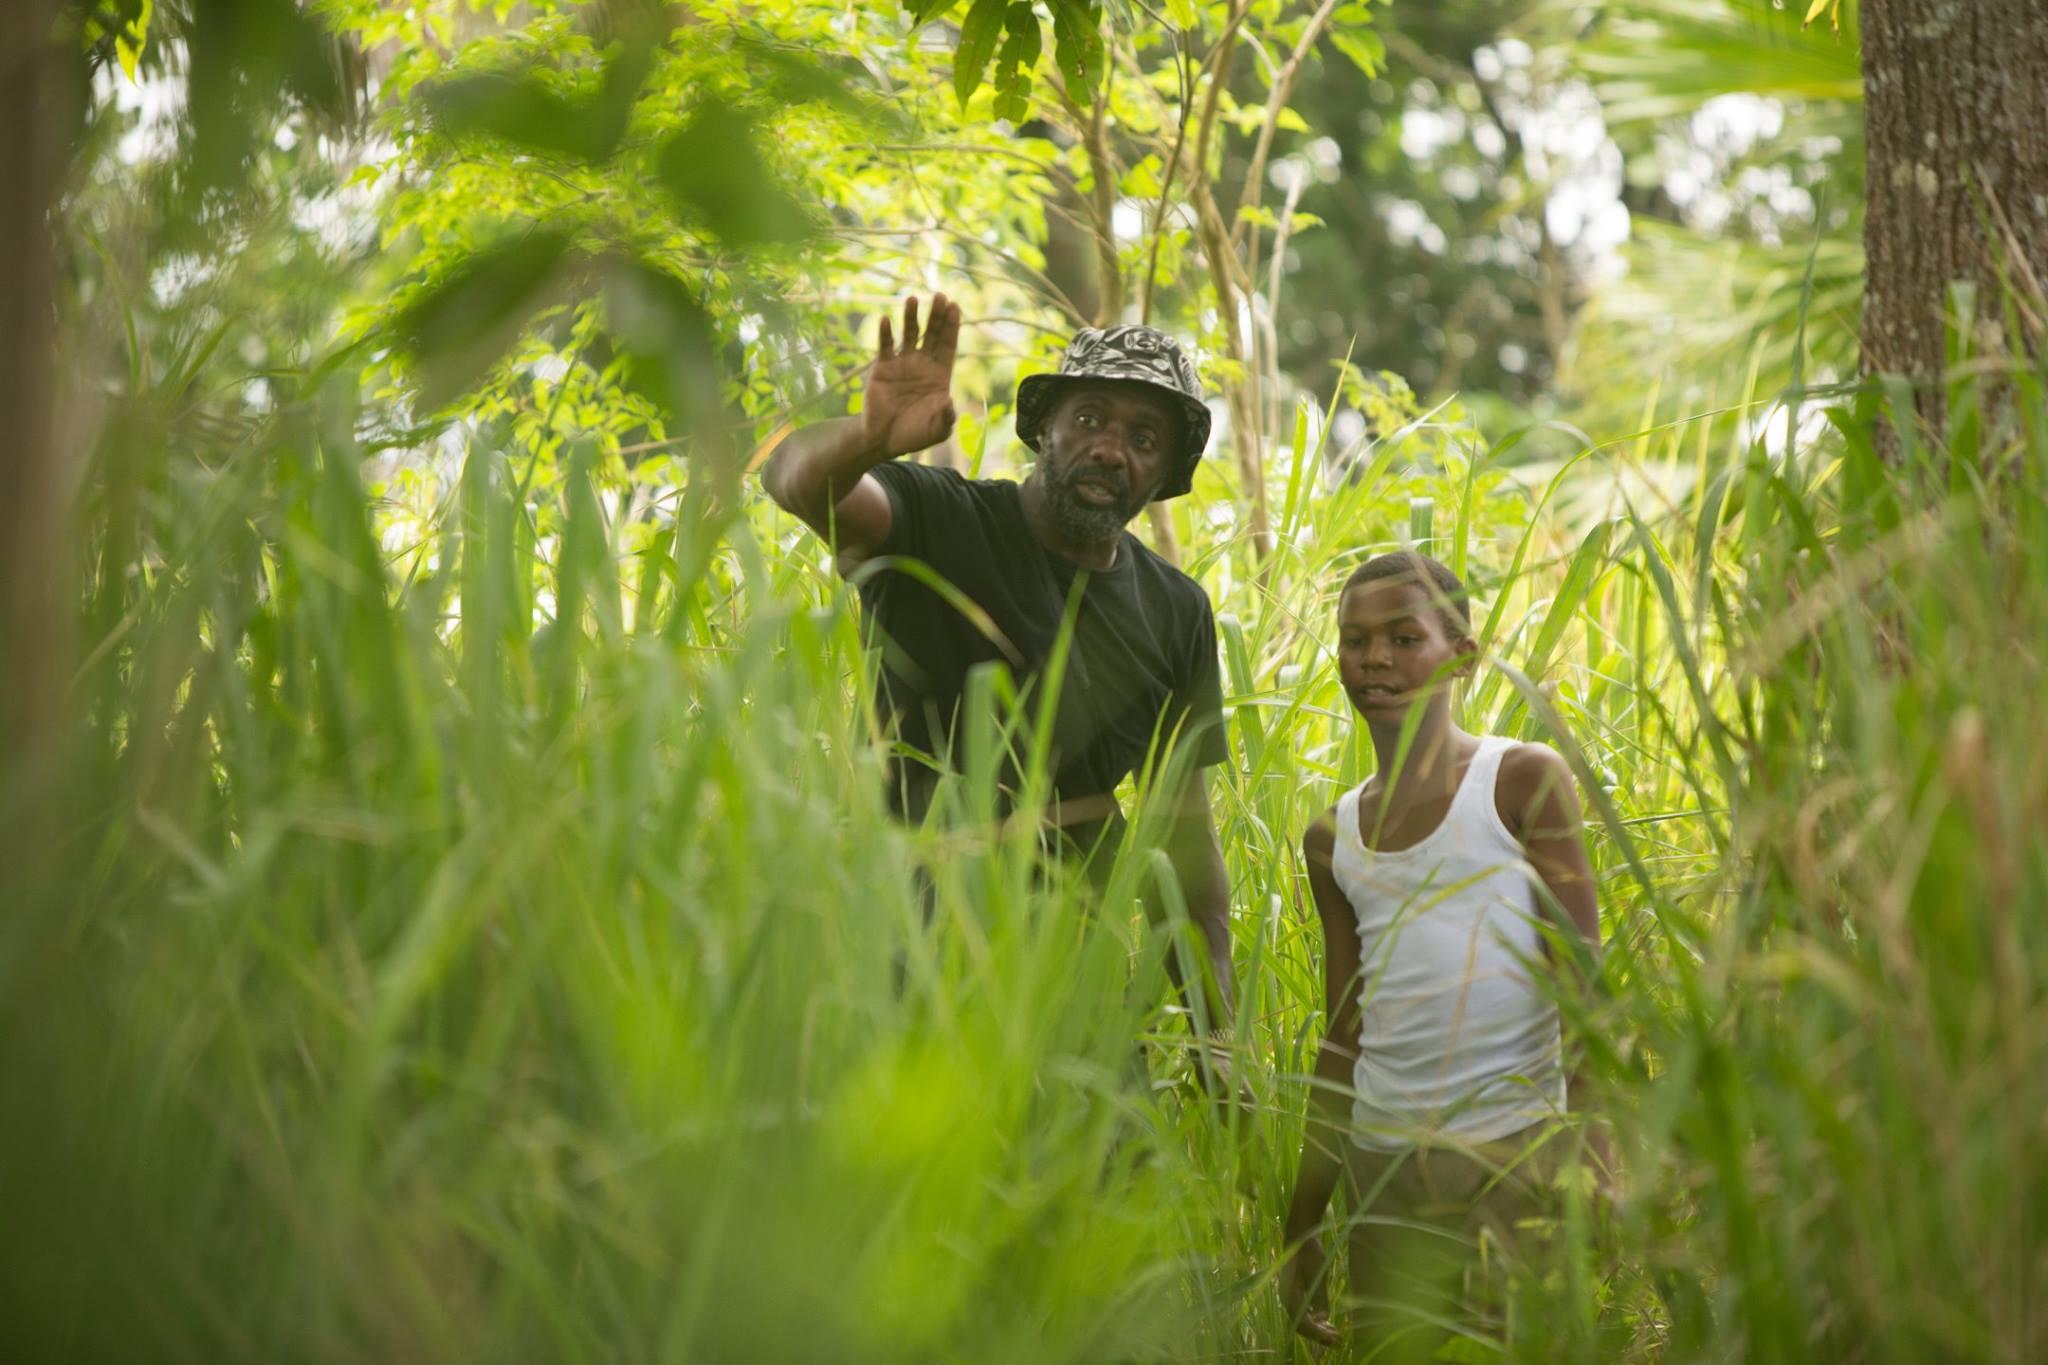 Idris Elba behind the scenes of his directorial debut 'YARDIE'